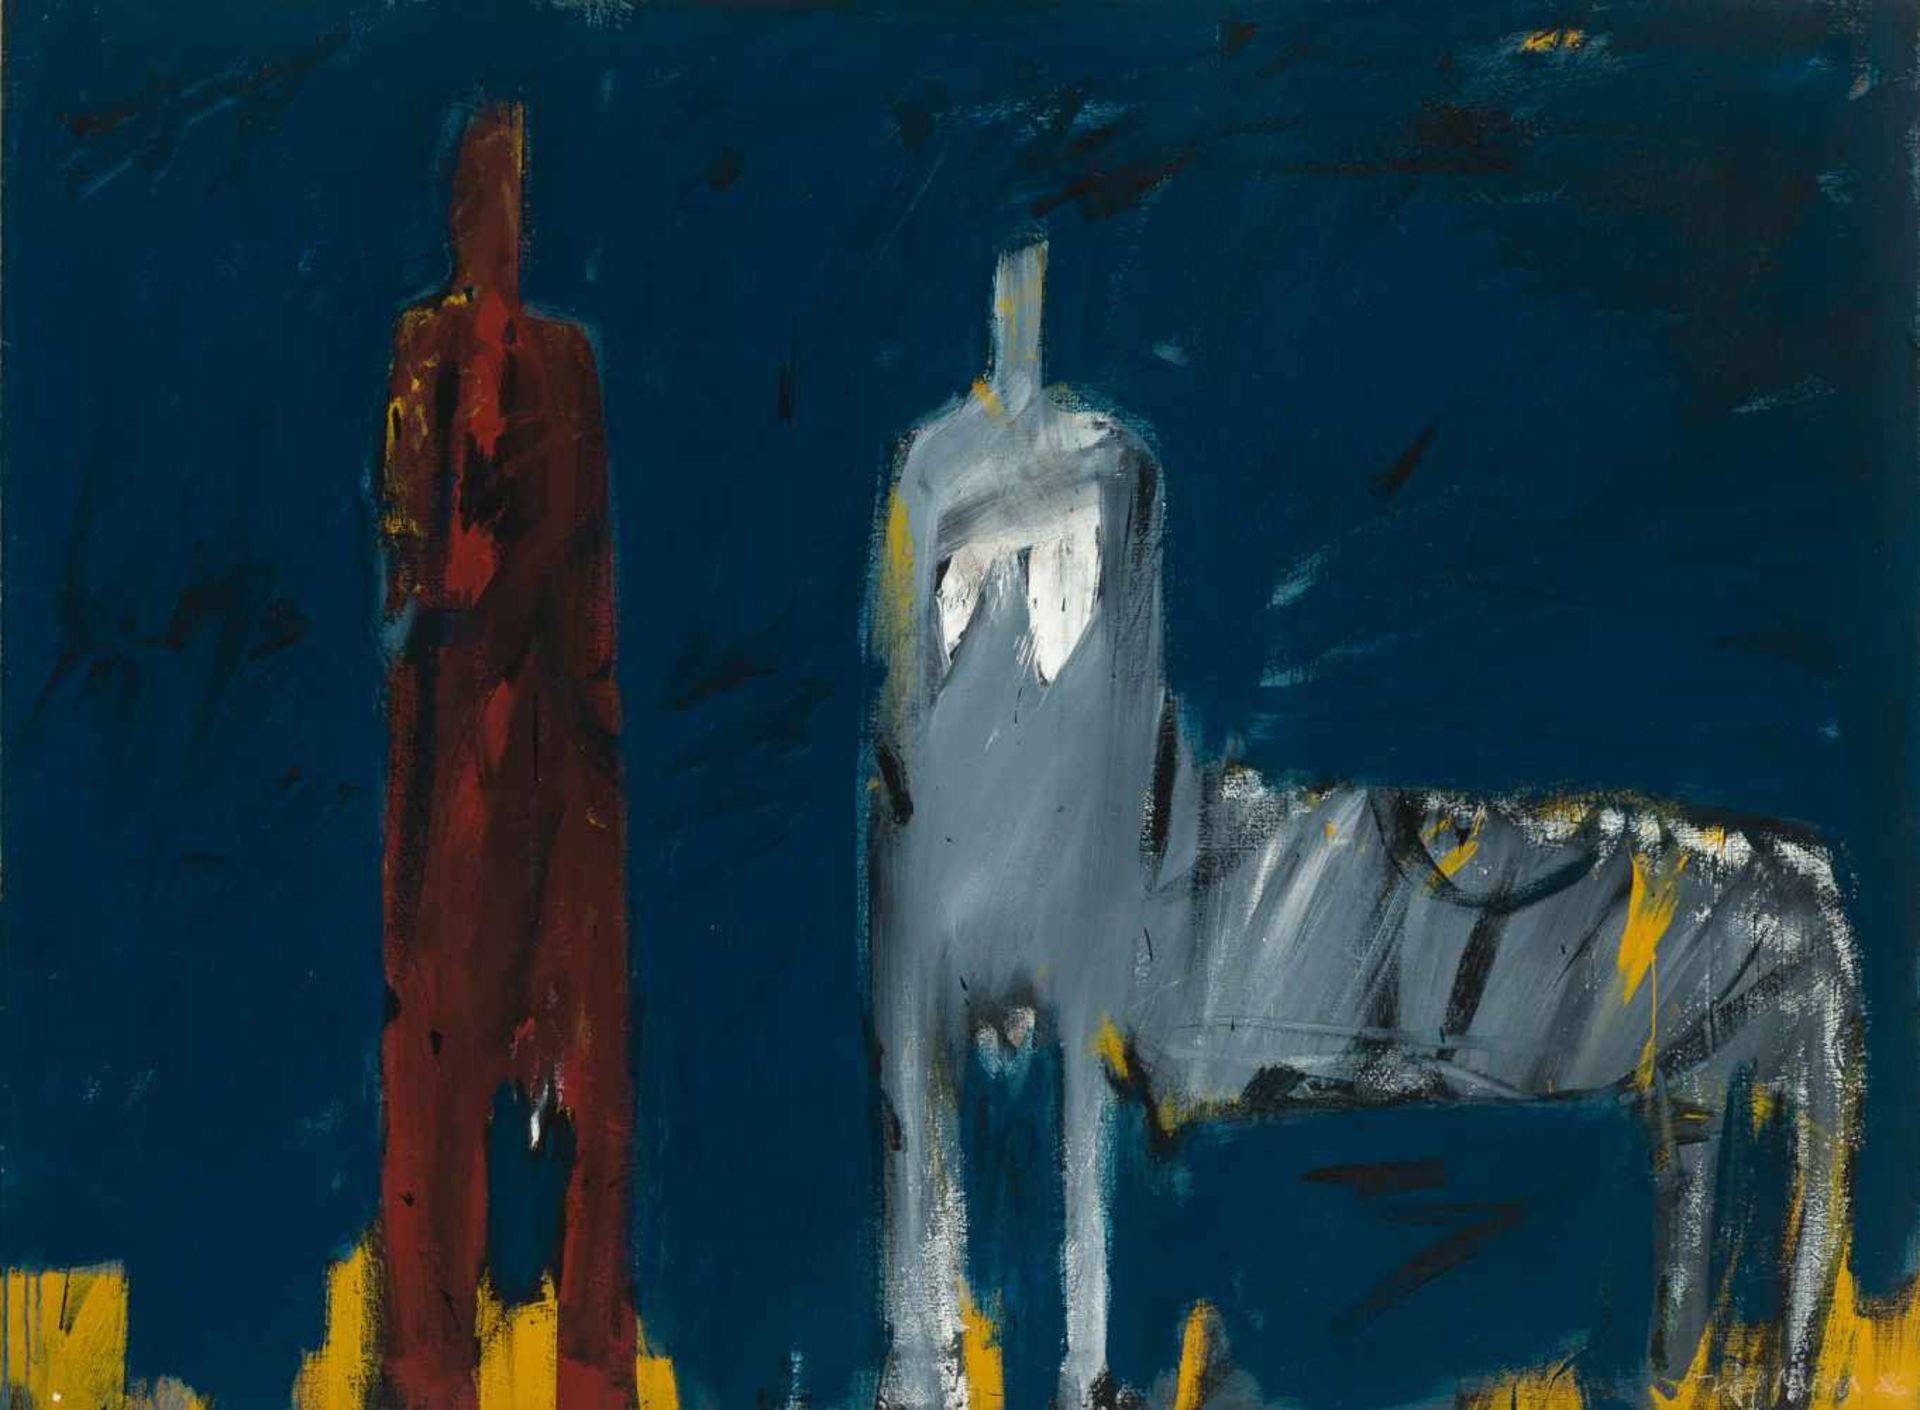 Los 51 - Leo Zogmayer * Krems 1949 geb. Kentaurin Öl auf Leinwand 100 x 135 cm 1986 rechts unten signiert und